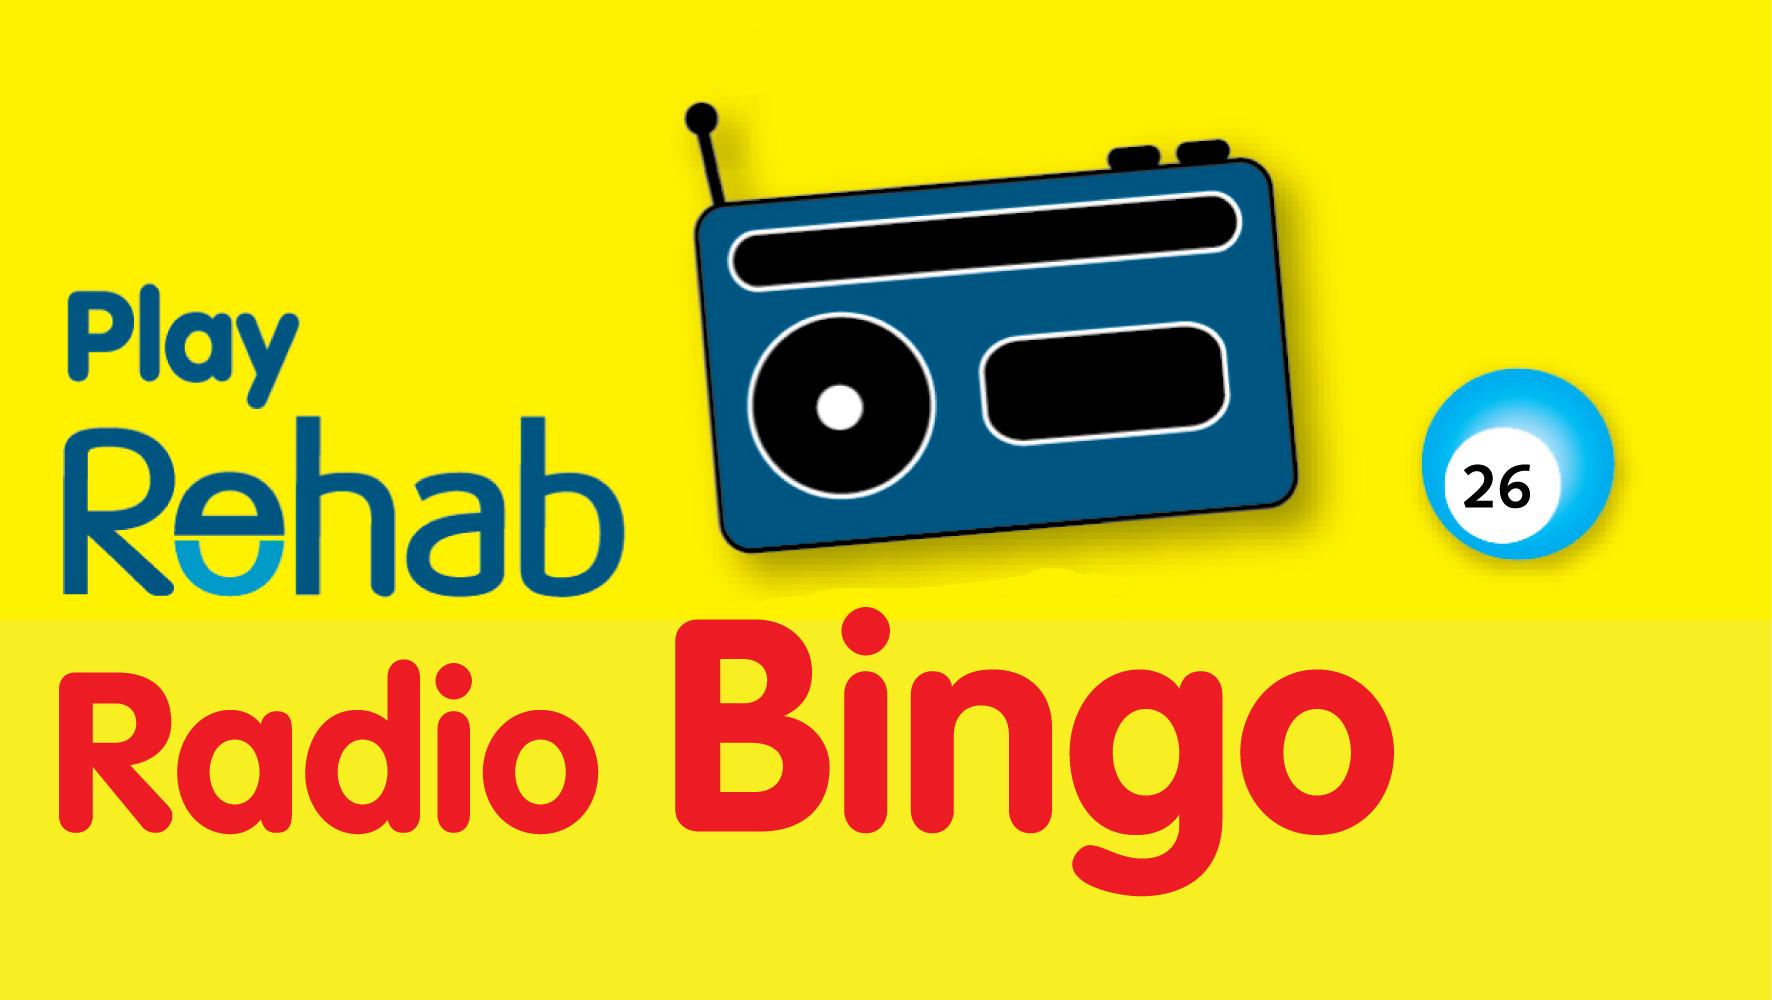 Bingo Advert 1-01